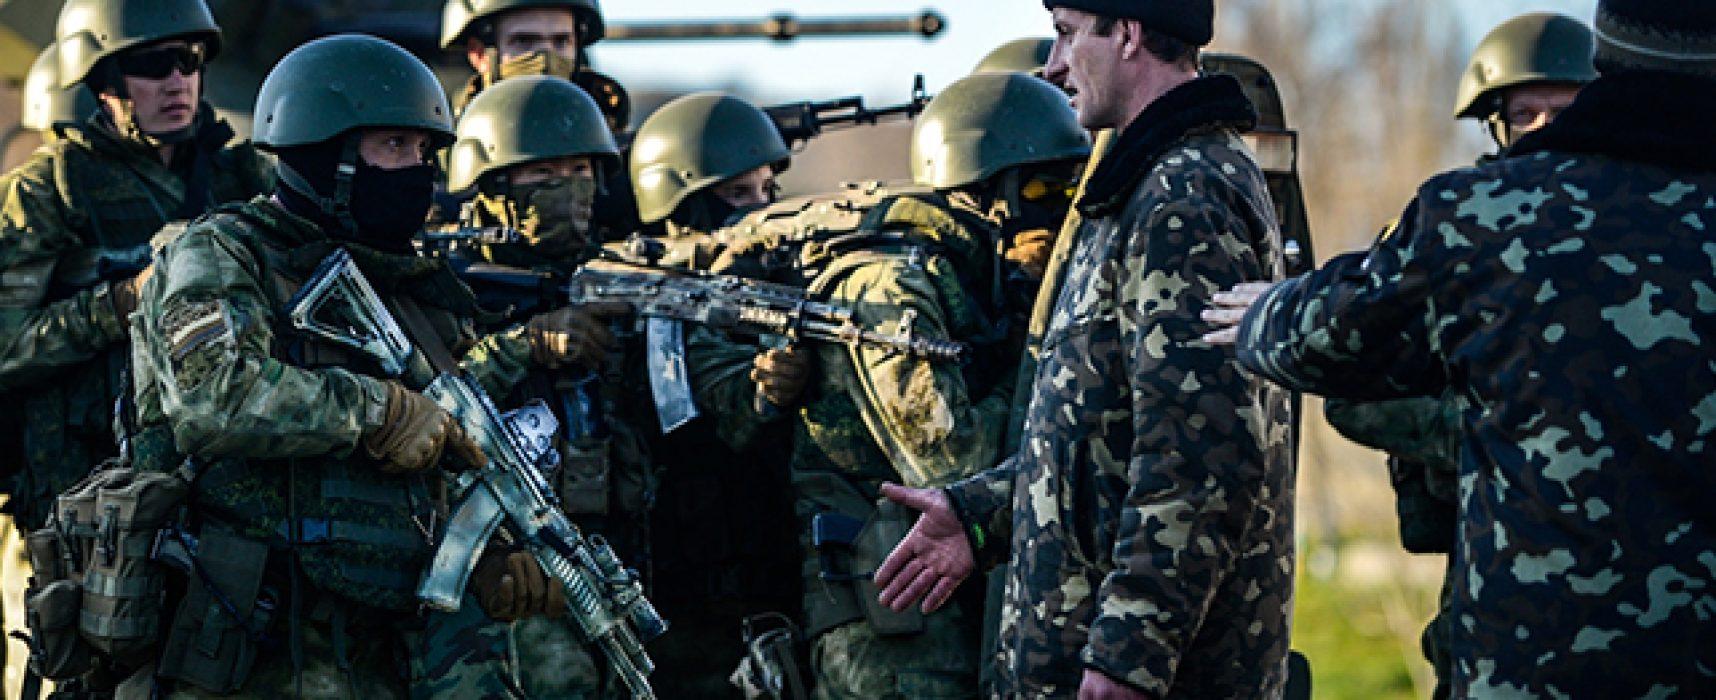 Официална статистика: Колко от украинските военни в Крим останаха верни на клетвата си